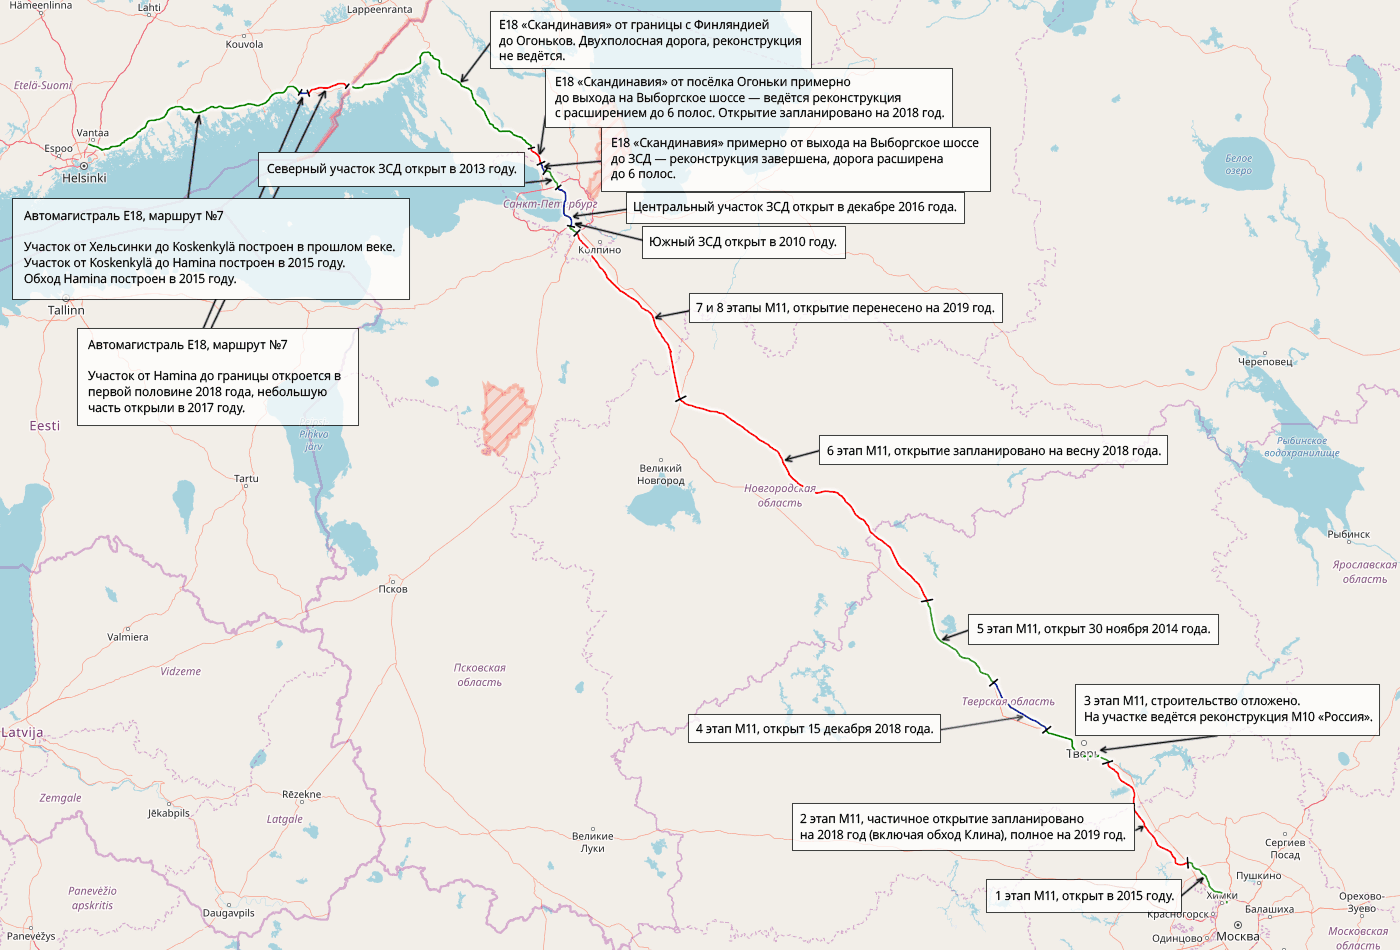 Текущее состояние, изменения и планы по реконструкции и строительству на маршруте Москва — Хельсинки.